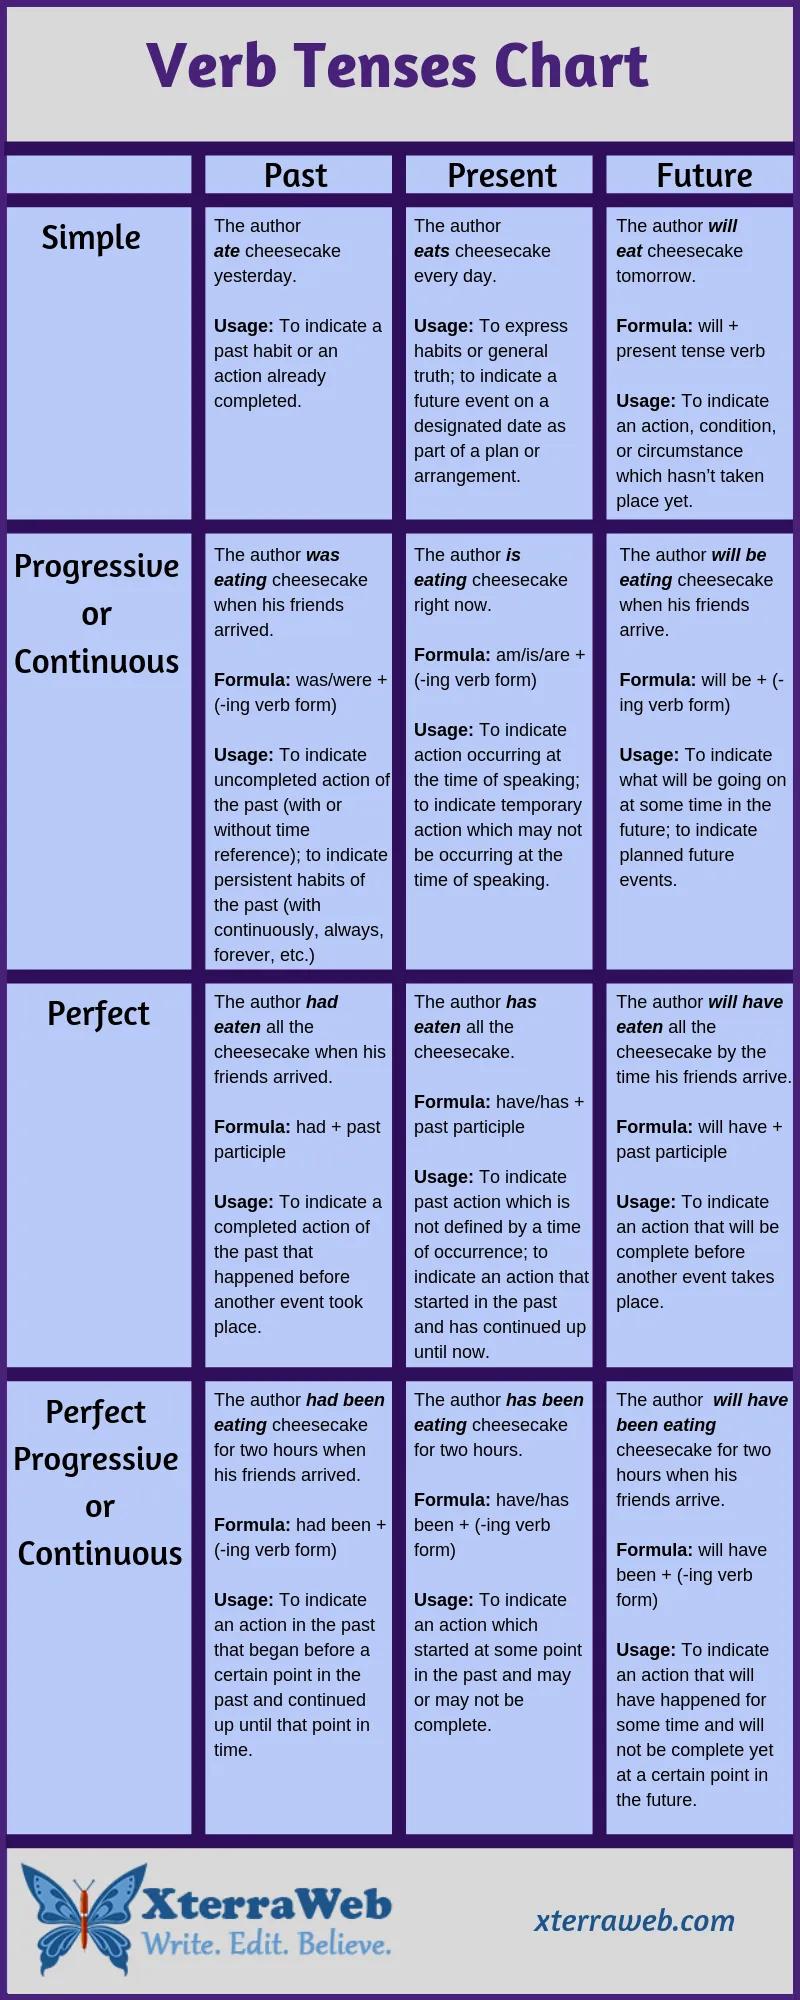 Verb Tenses Chart Xterraweb Tenses Chart Verb Tenses English Grammar Book [ 2000 x 800 Pixel ]